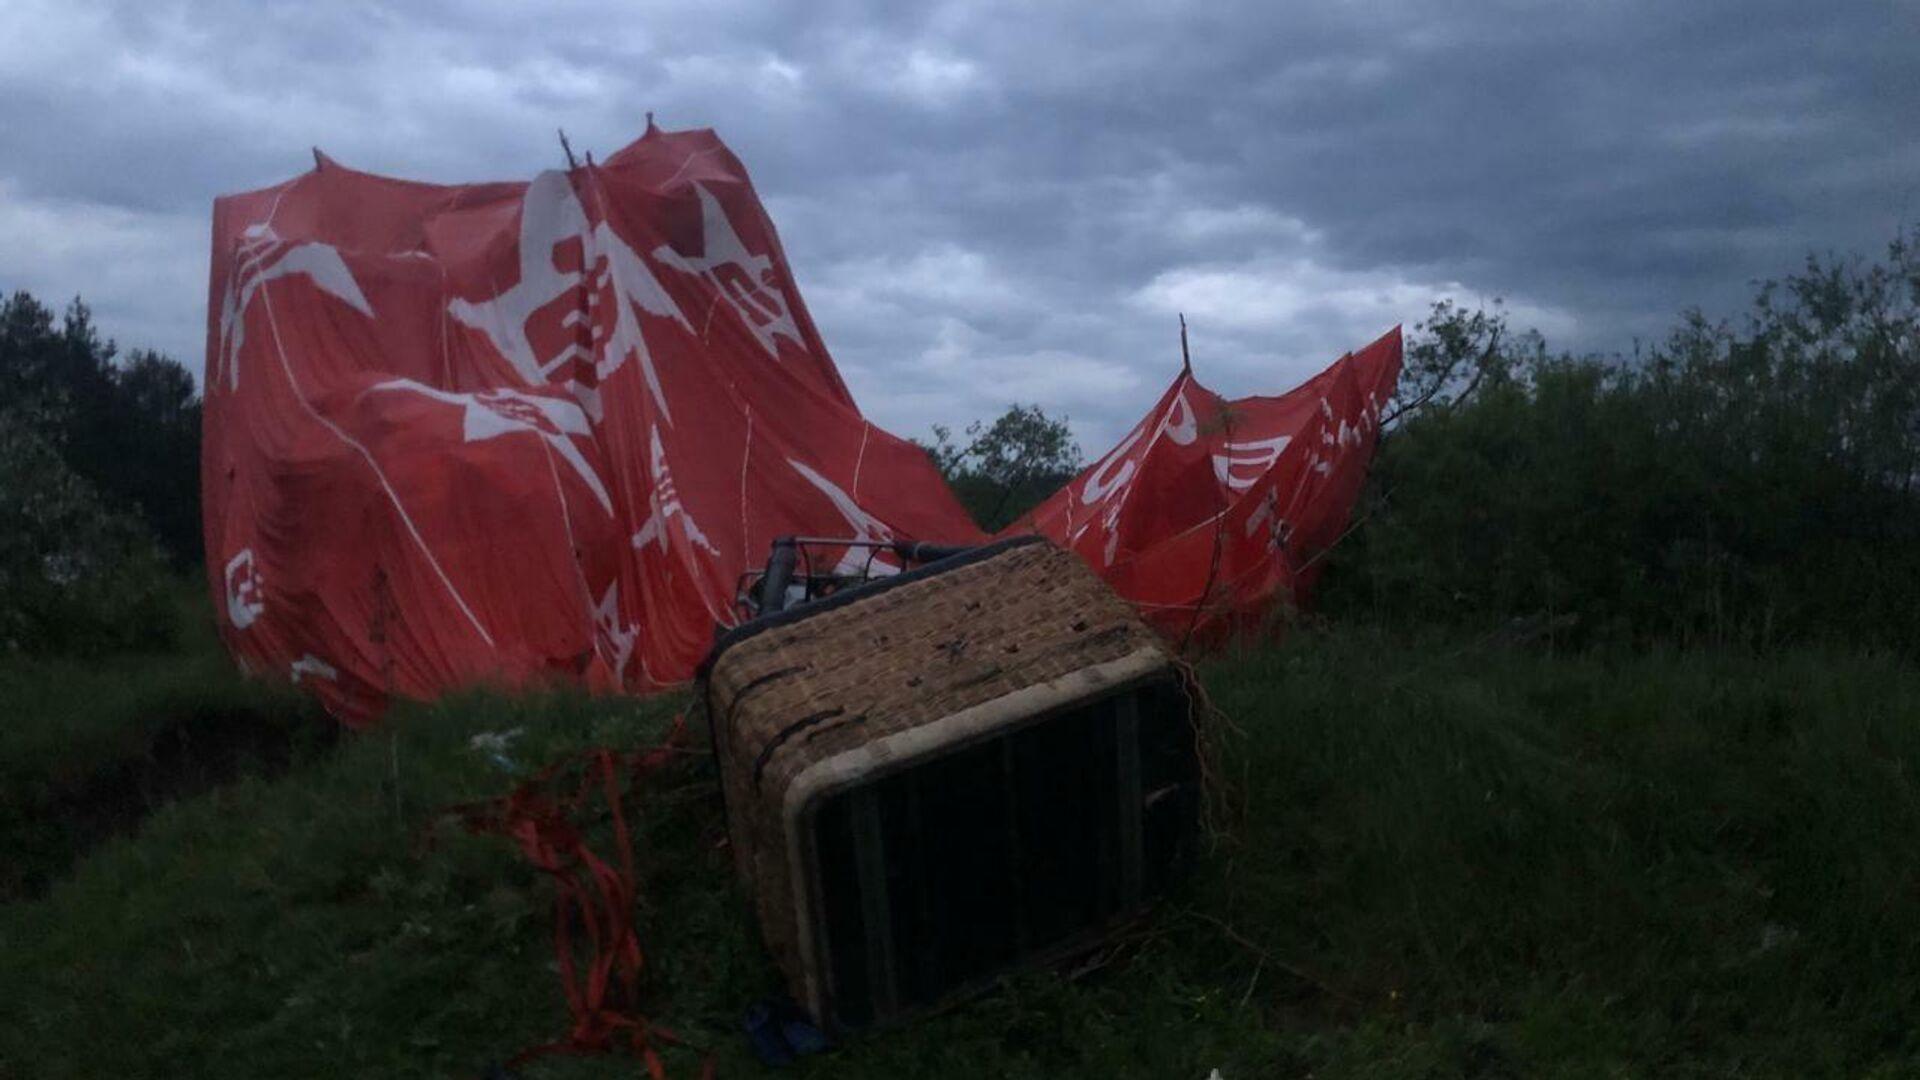 Крушение воздушного шара во время фестиваля воздушных шаров в Хмельницкой области Украины - РИА Новости, 1920, 23.05.2021